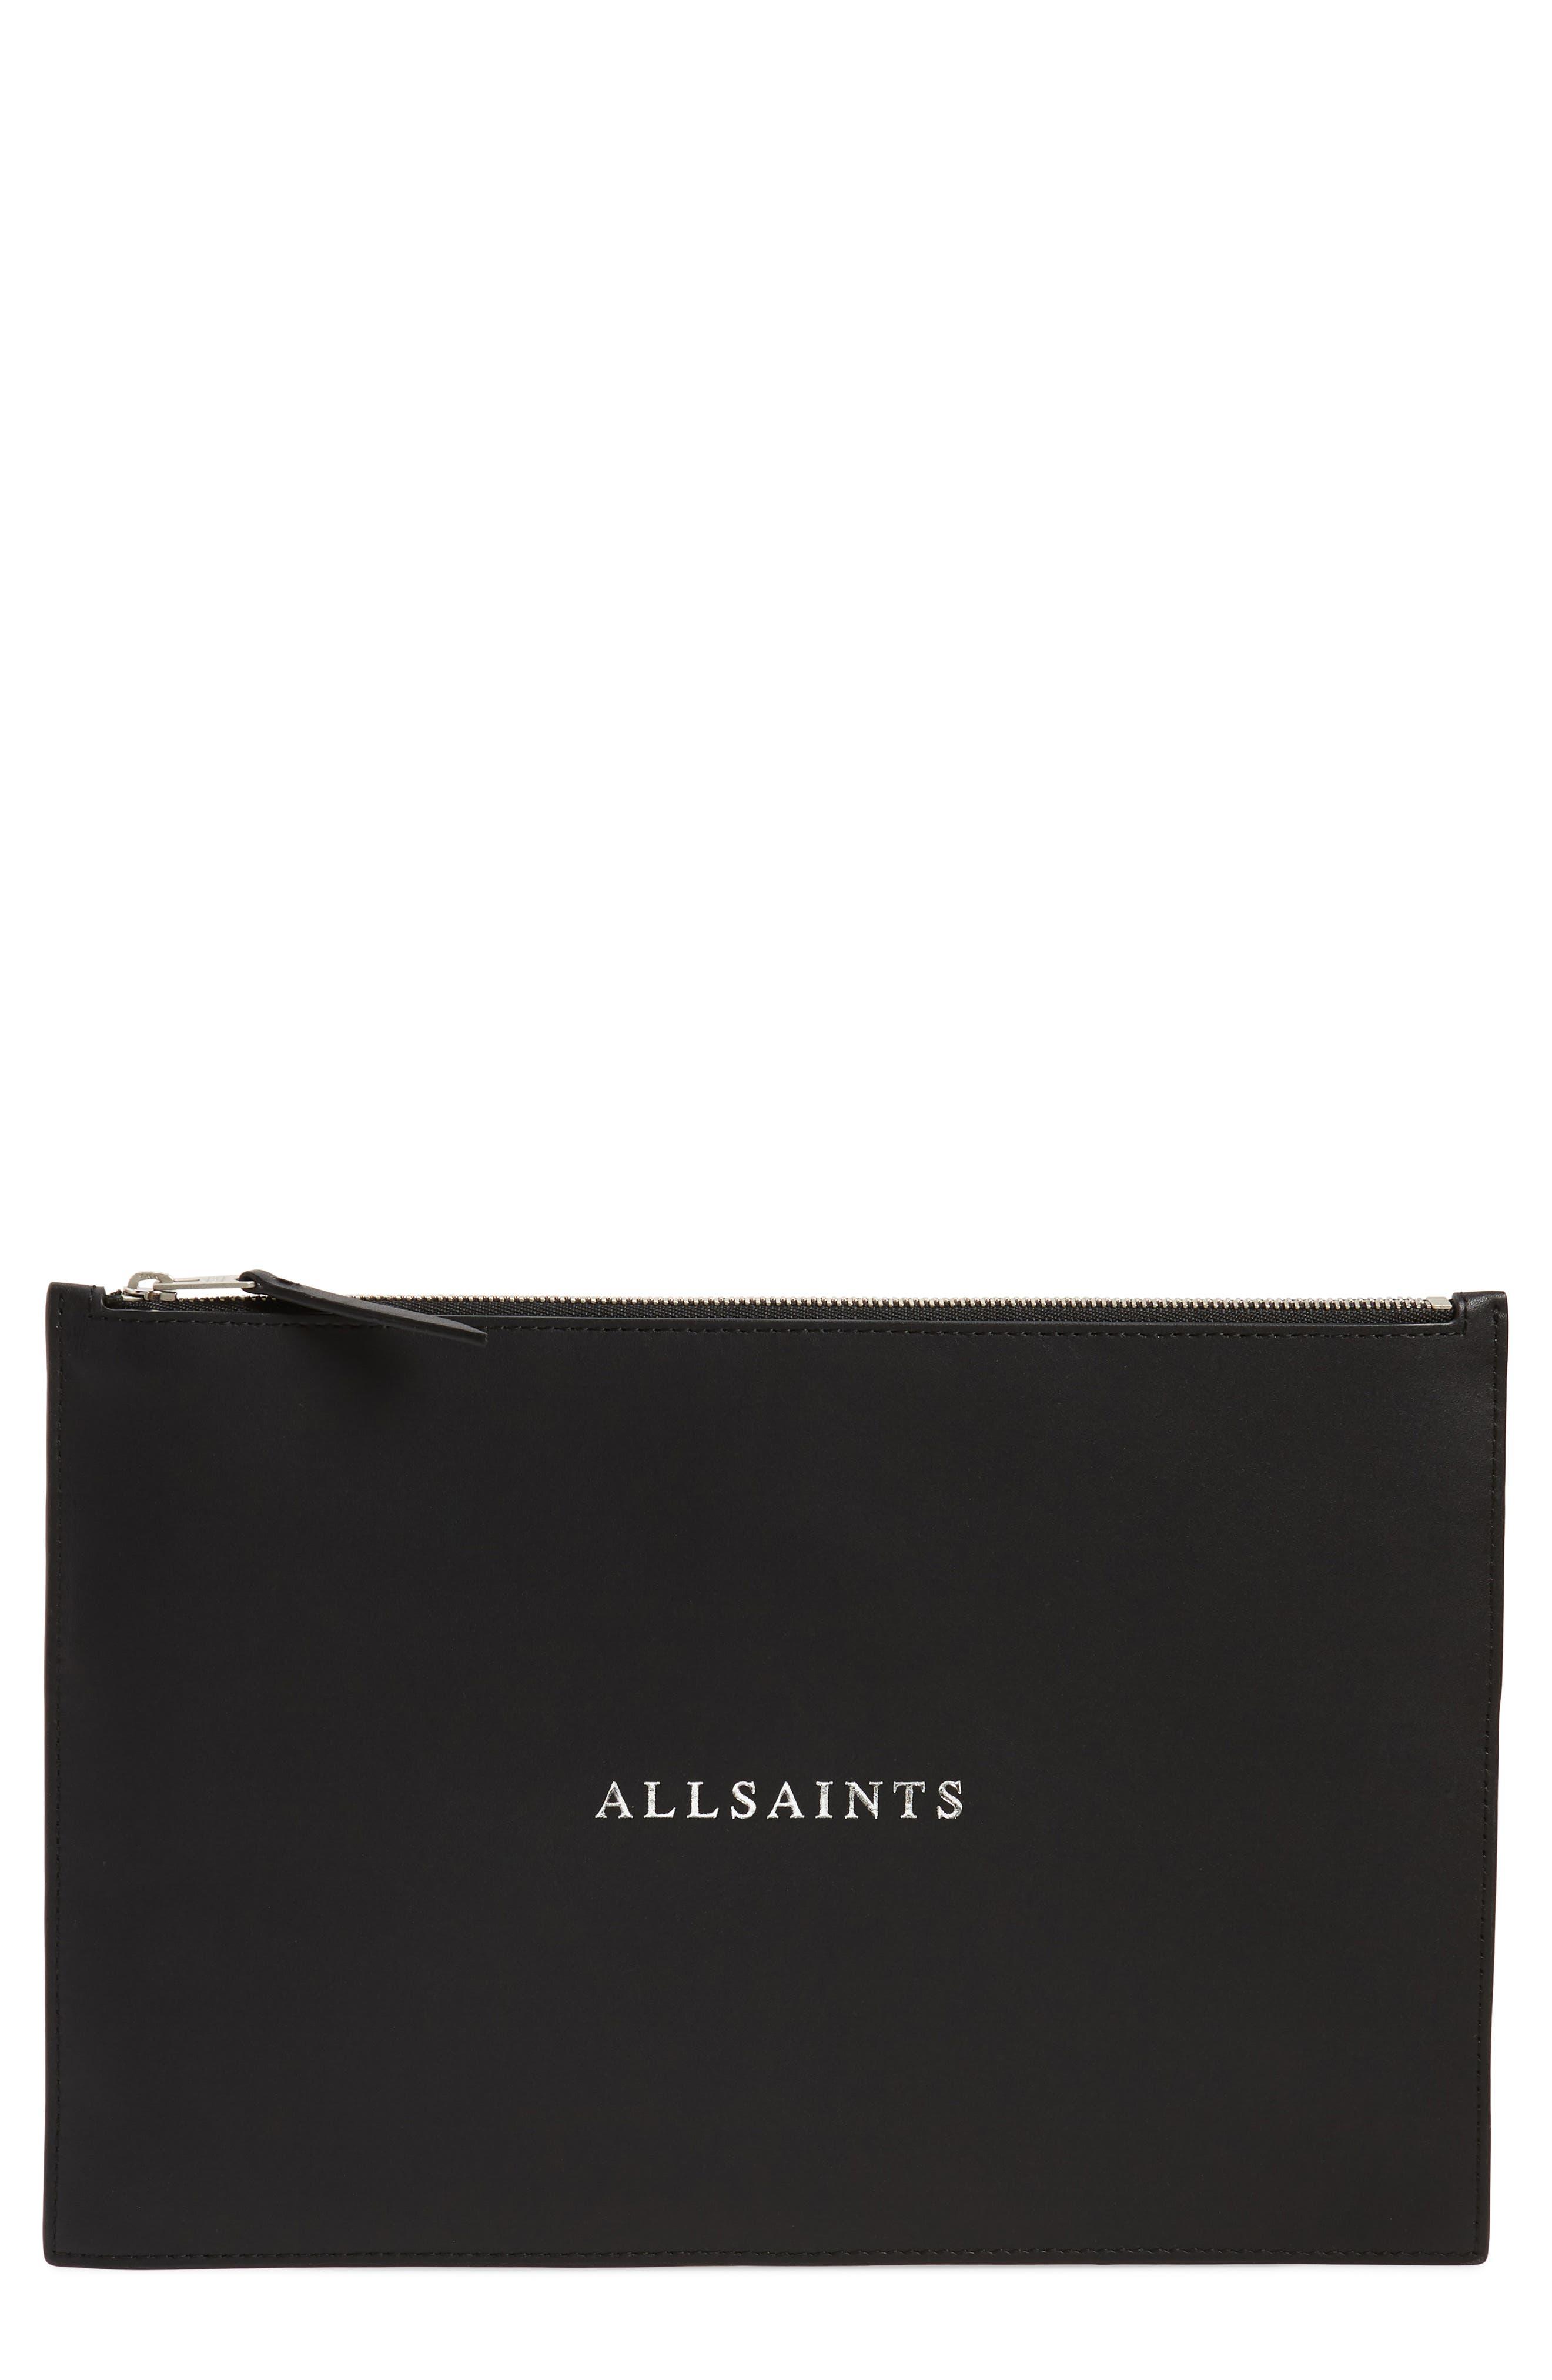 ALLSAINTS Clip Leather Clutch, Main, color, BLACK